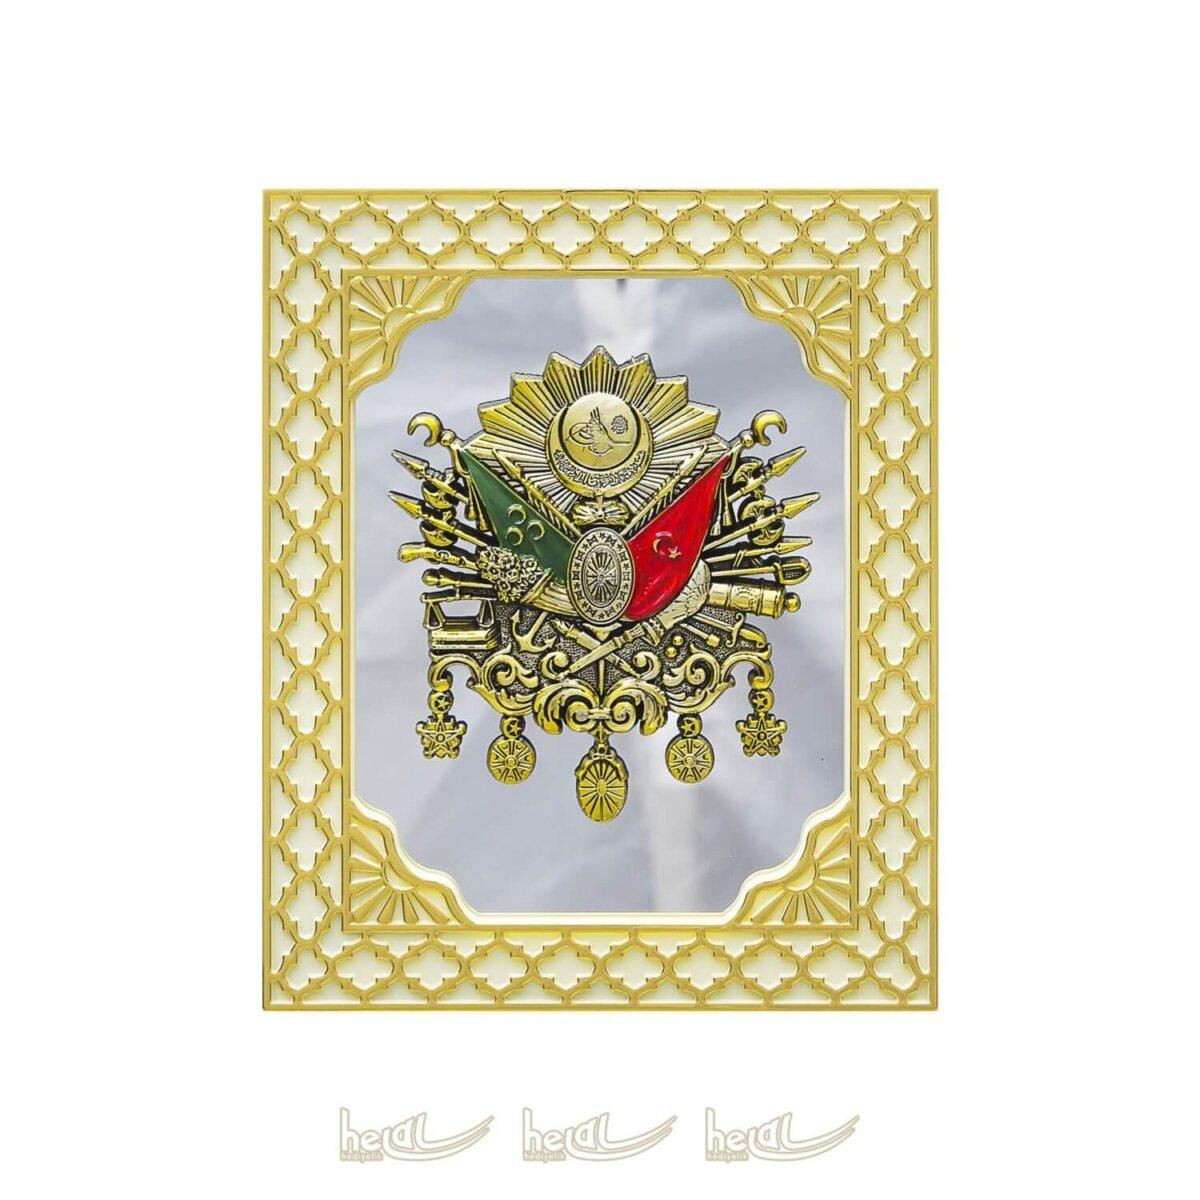 18x23cm Aynalı Osmanlı Devlet Arması Ayaklı Masa Üstü ve Duvar Panosu Osmanlı Tabloları